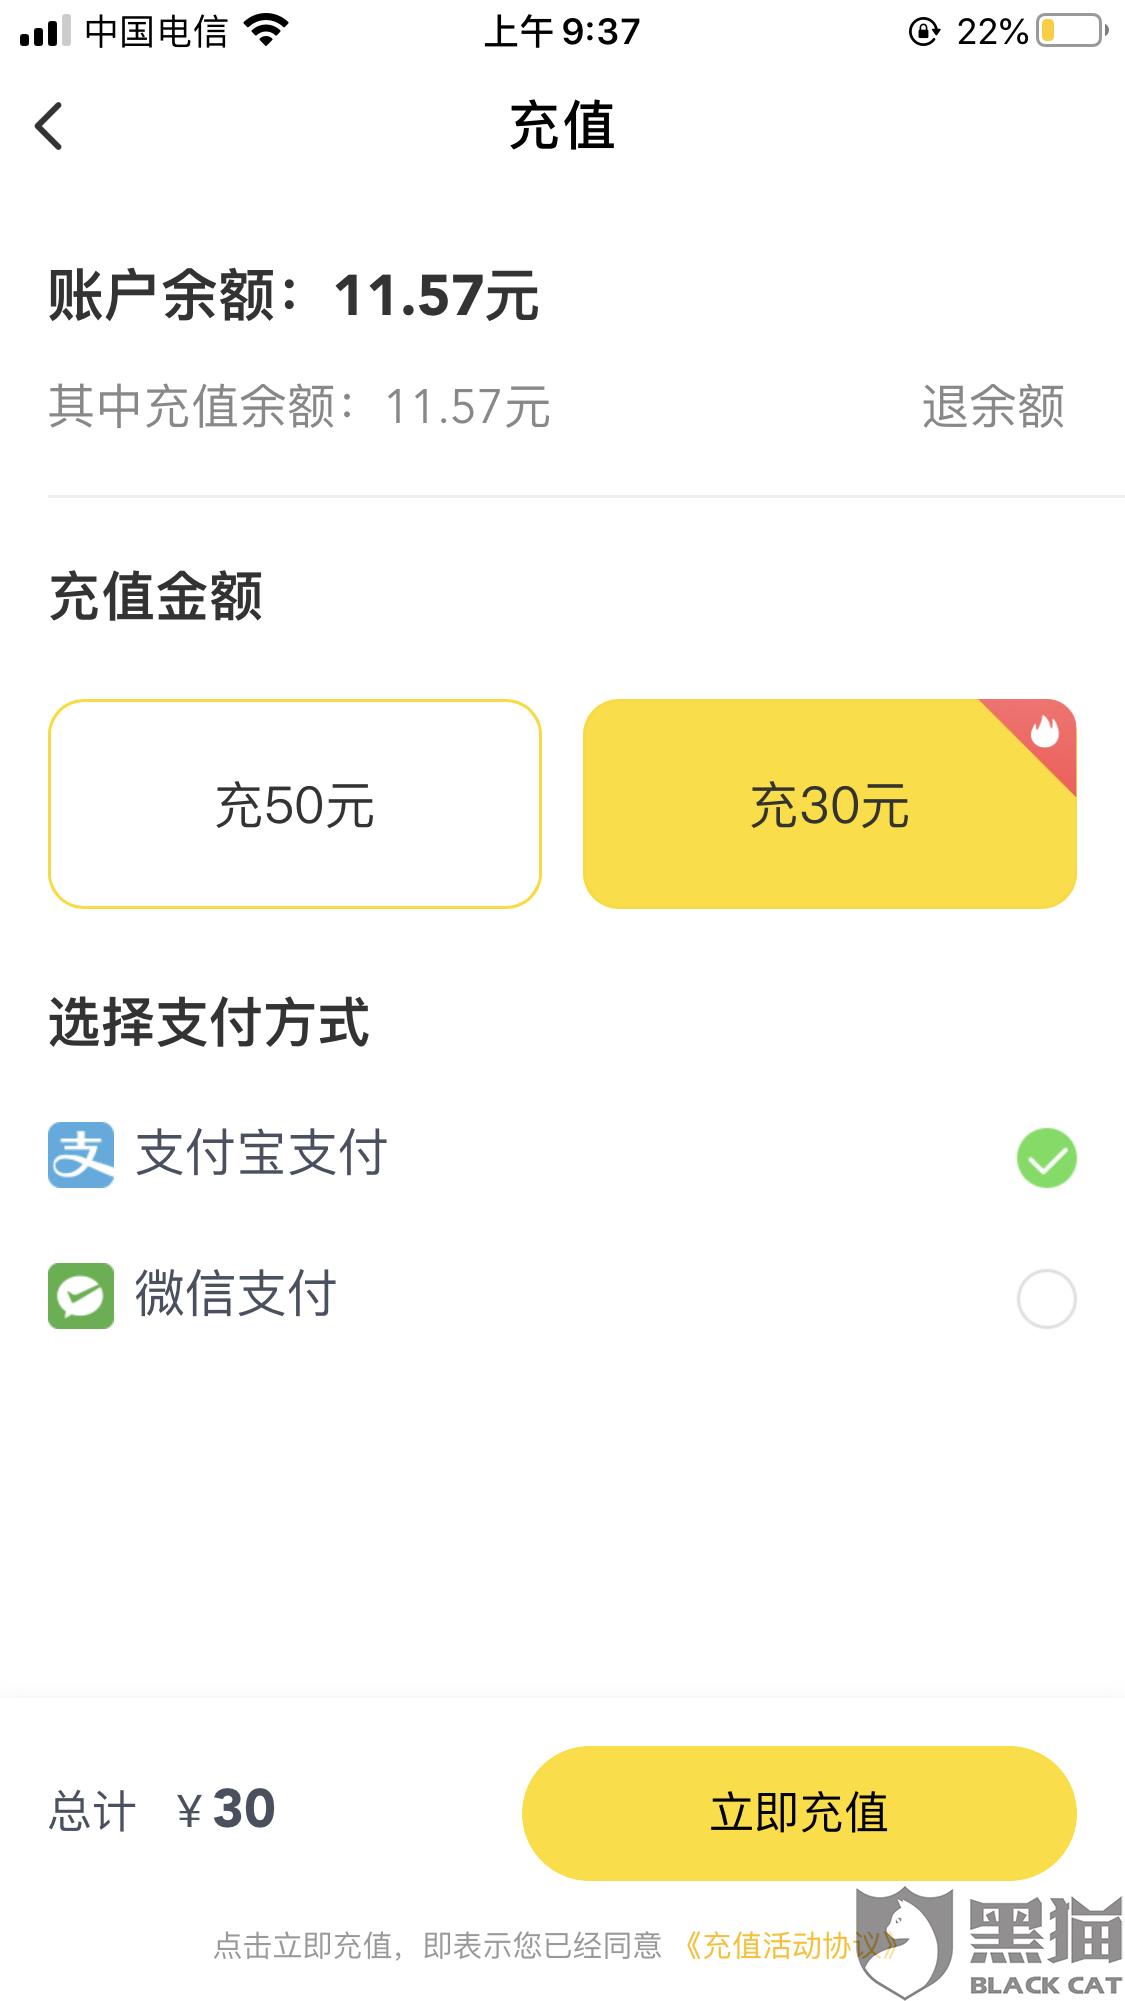 黑猫投诉:ofo共享单车返钱app霸王条款不清晰请退余额和押金